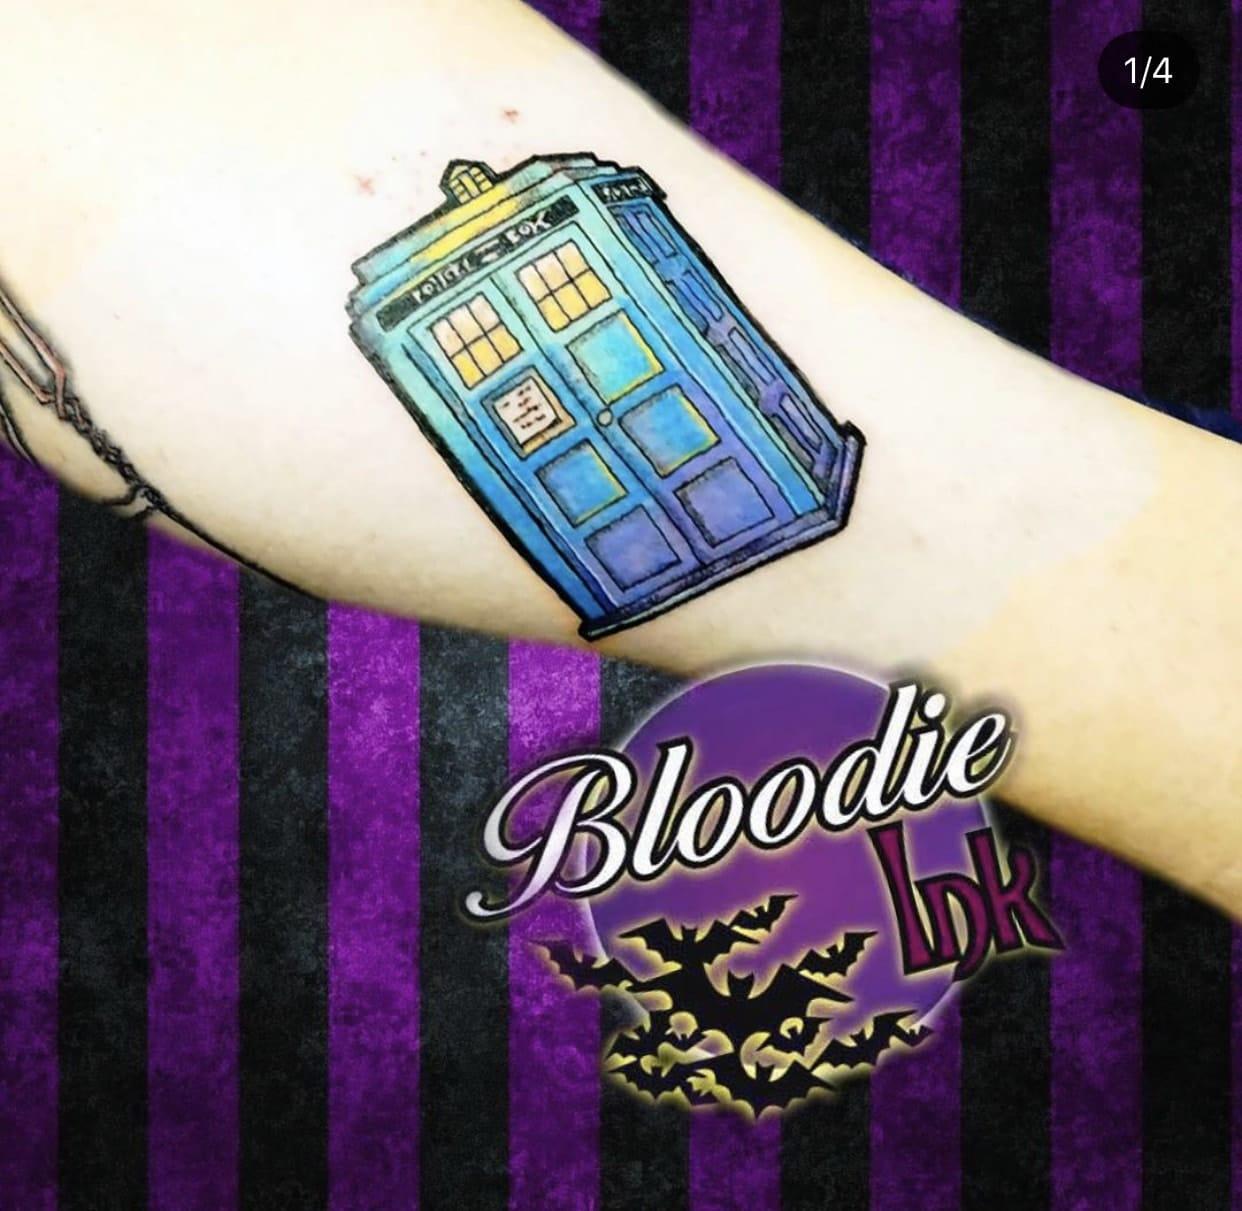 bloodie-ink-box